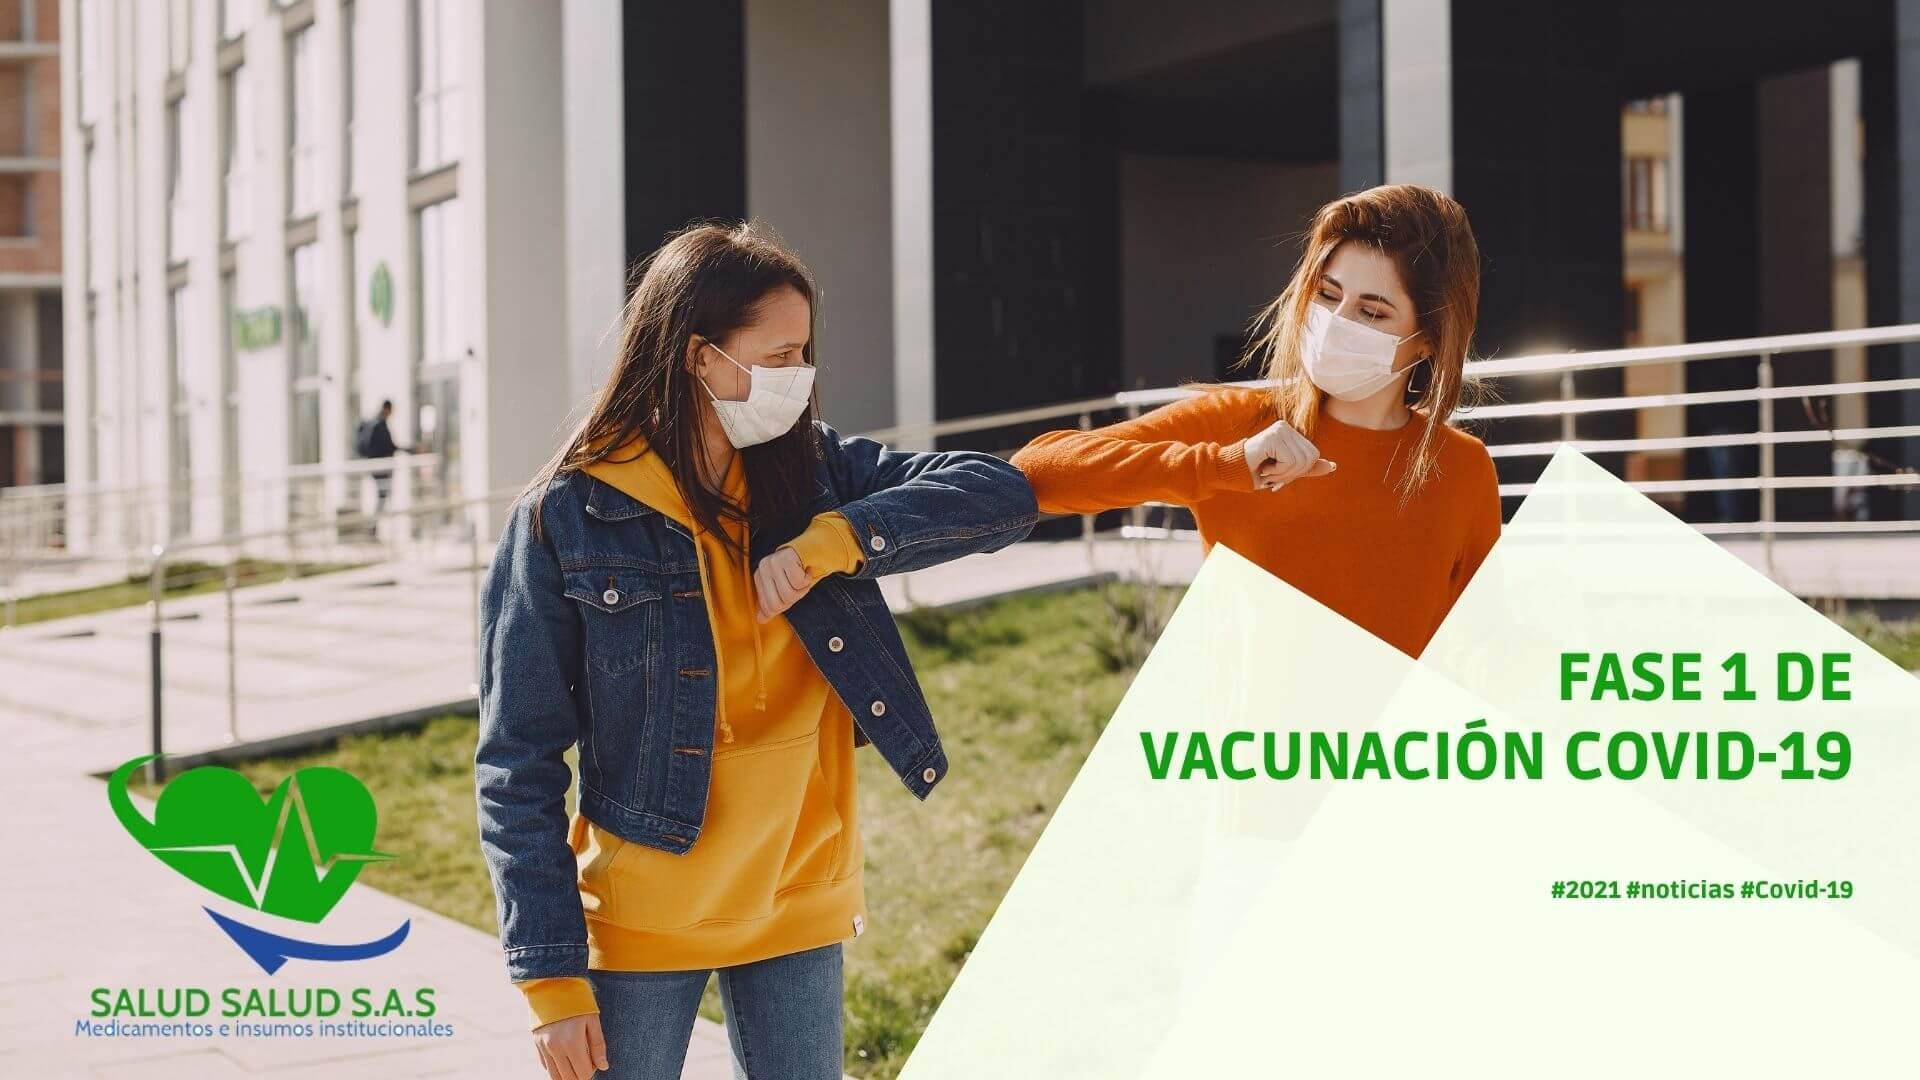 Fase 1 de Vacunación